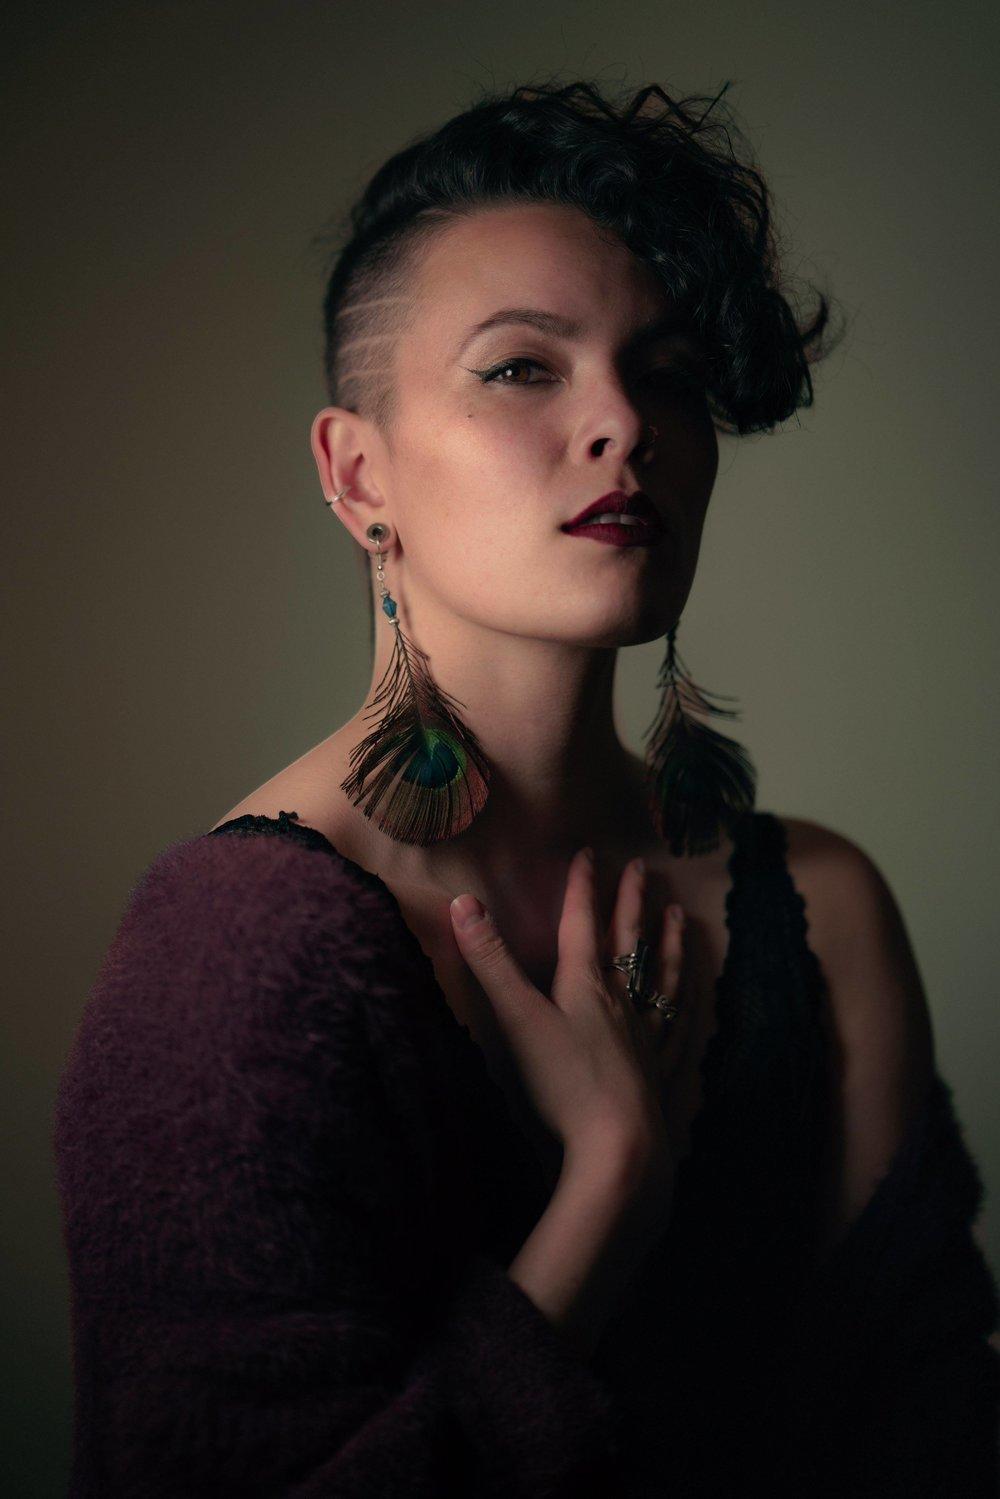 Becca Ortega - Isolations